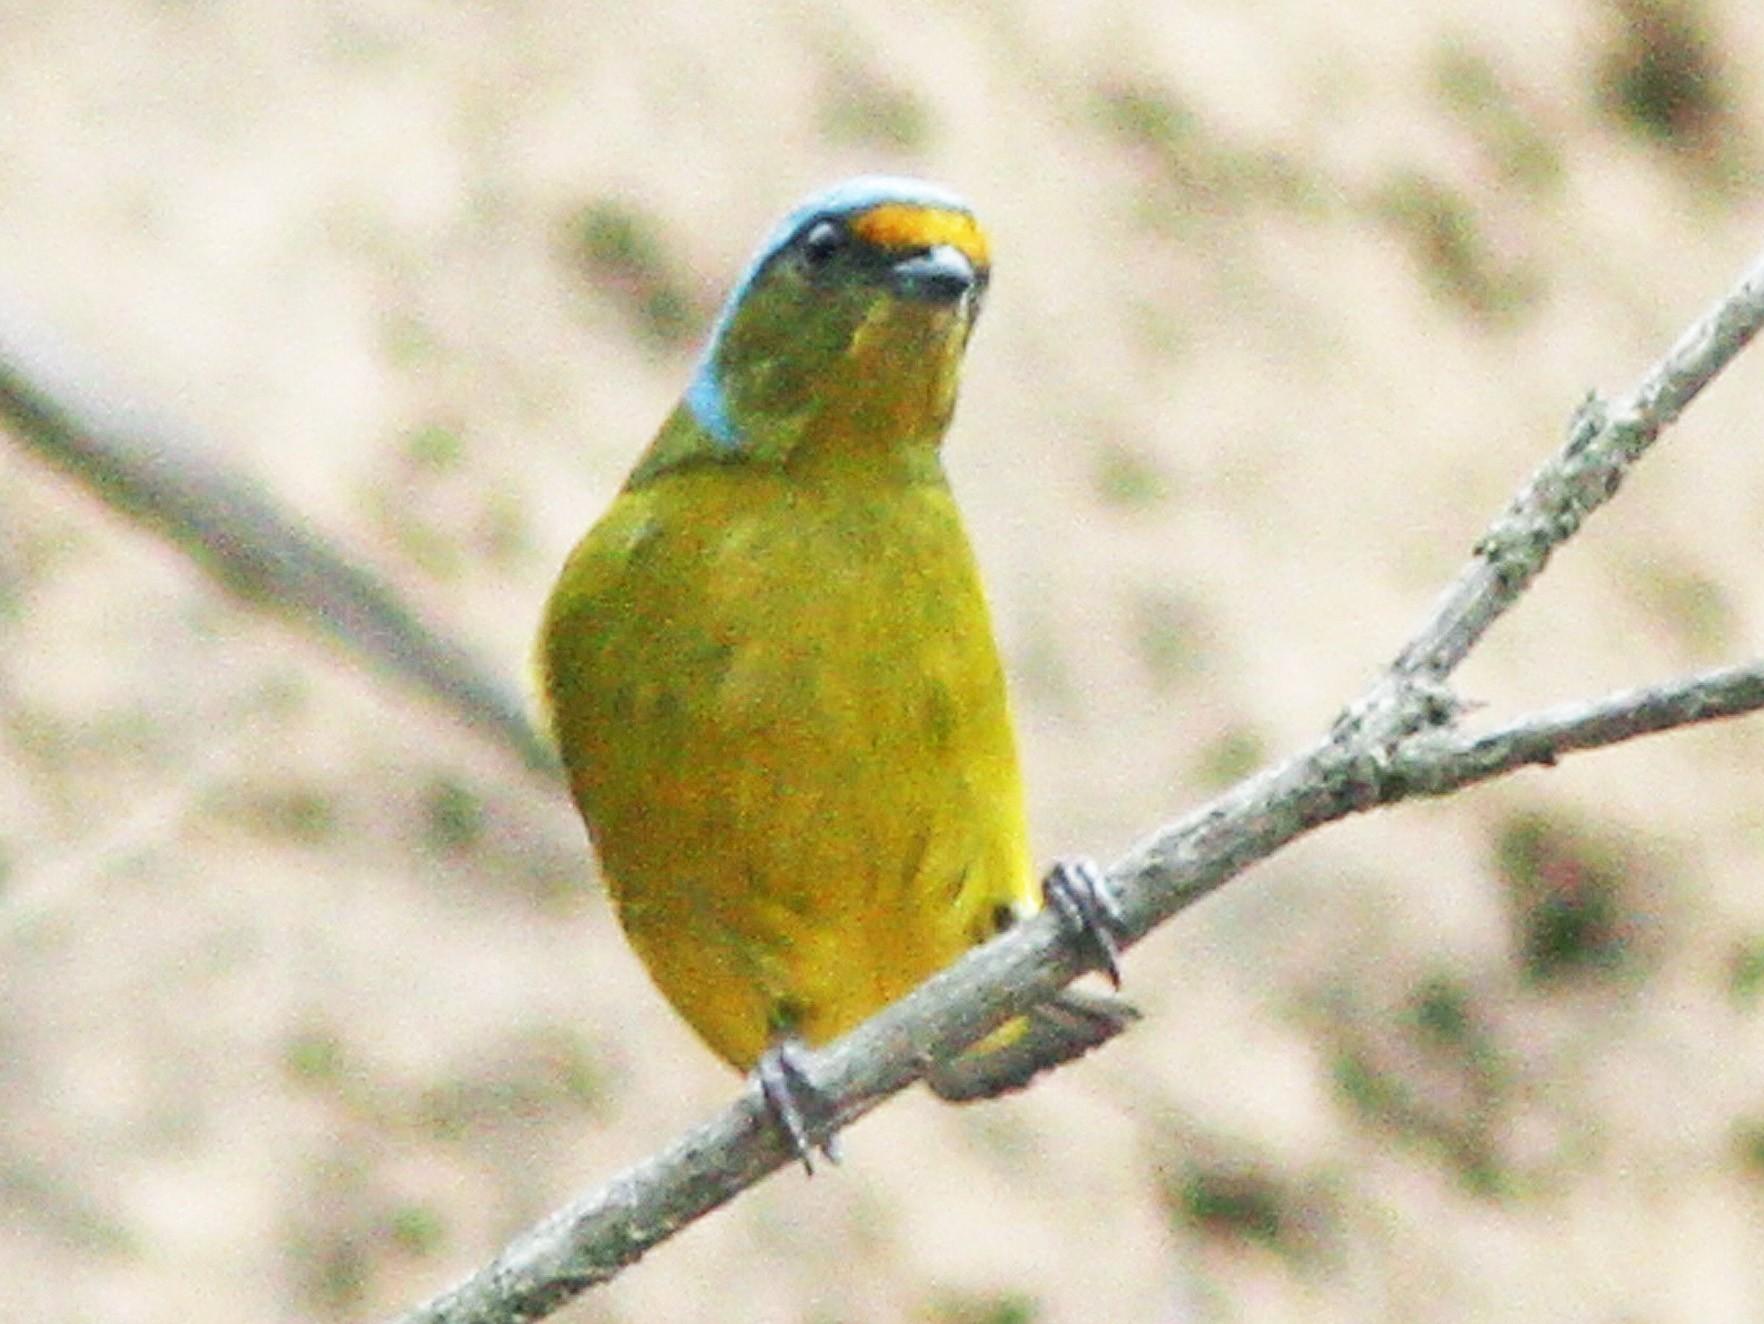 Golden-rumped Euphonia - Larry Therrien